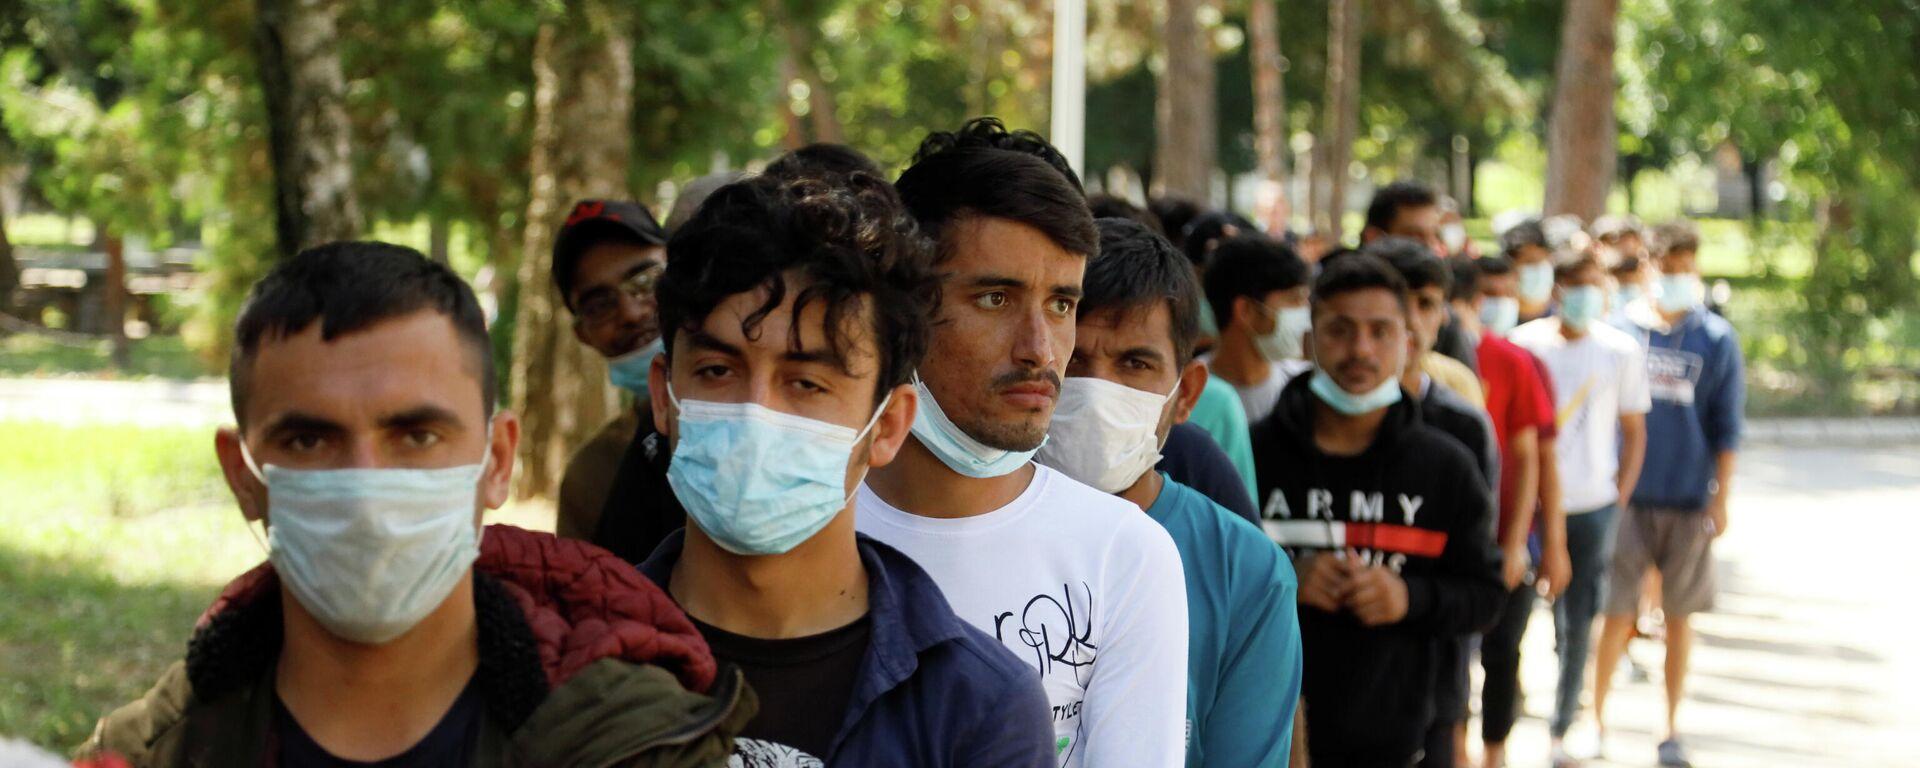 Afghanische Flüchtlinge - SNA, 1920, 25.09.2021